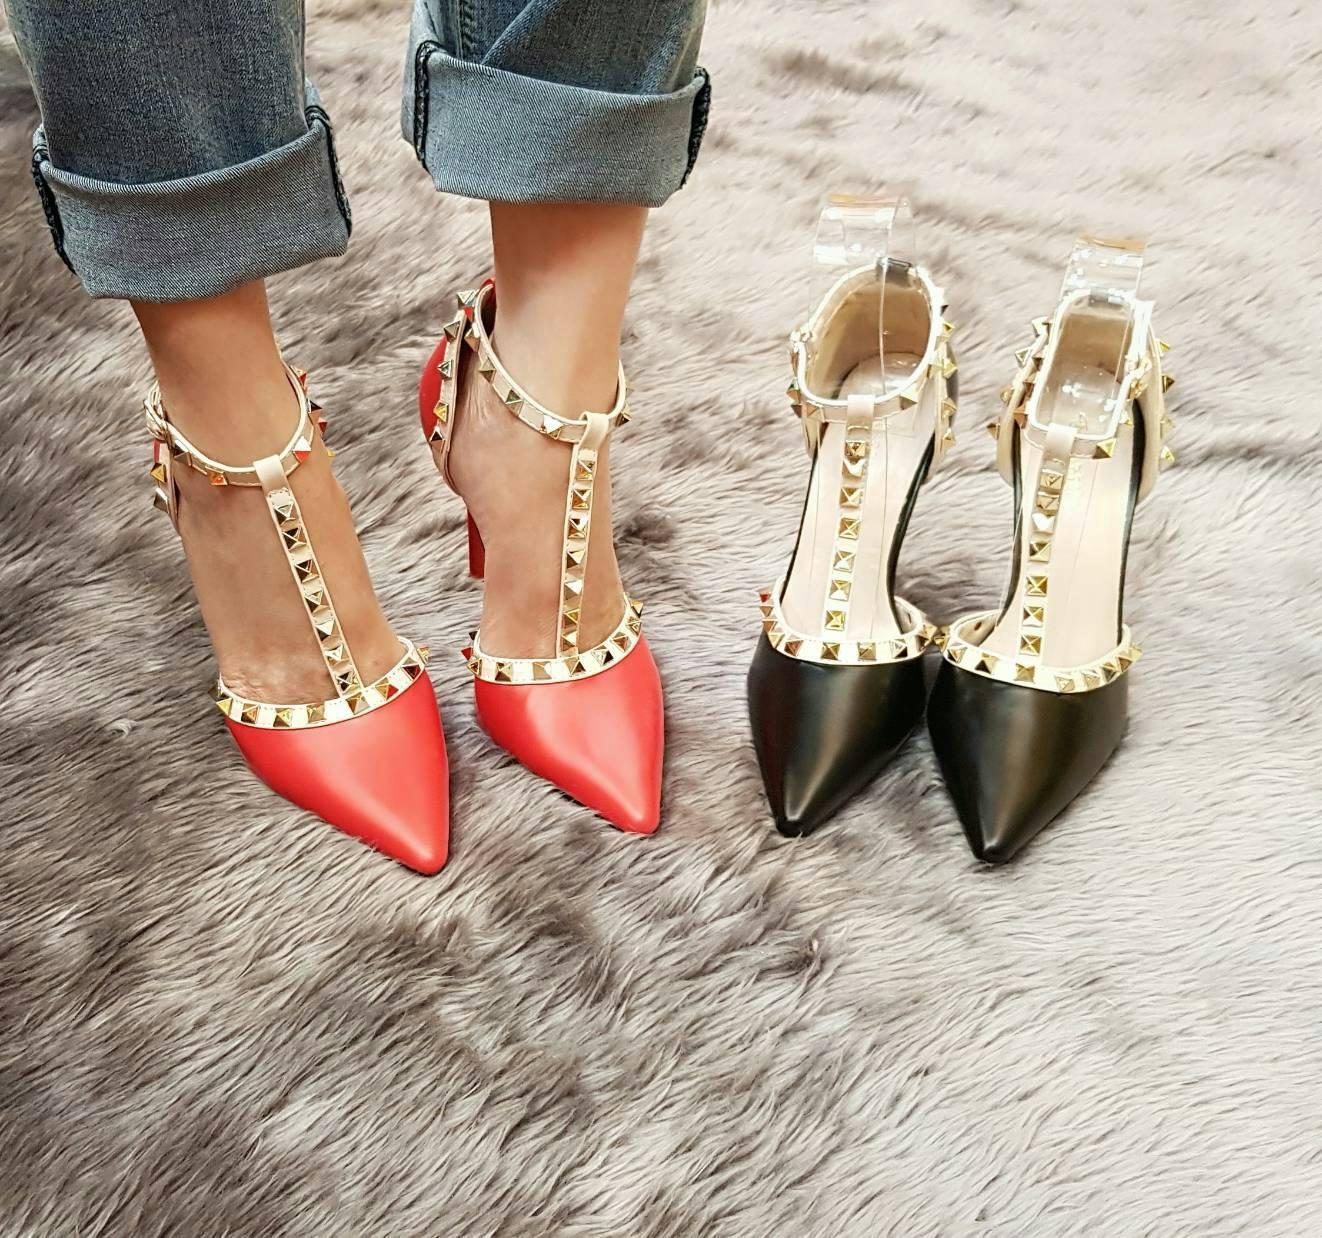 รองเท้า valentino ส้นเช็มแข็งแรง